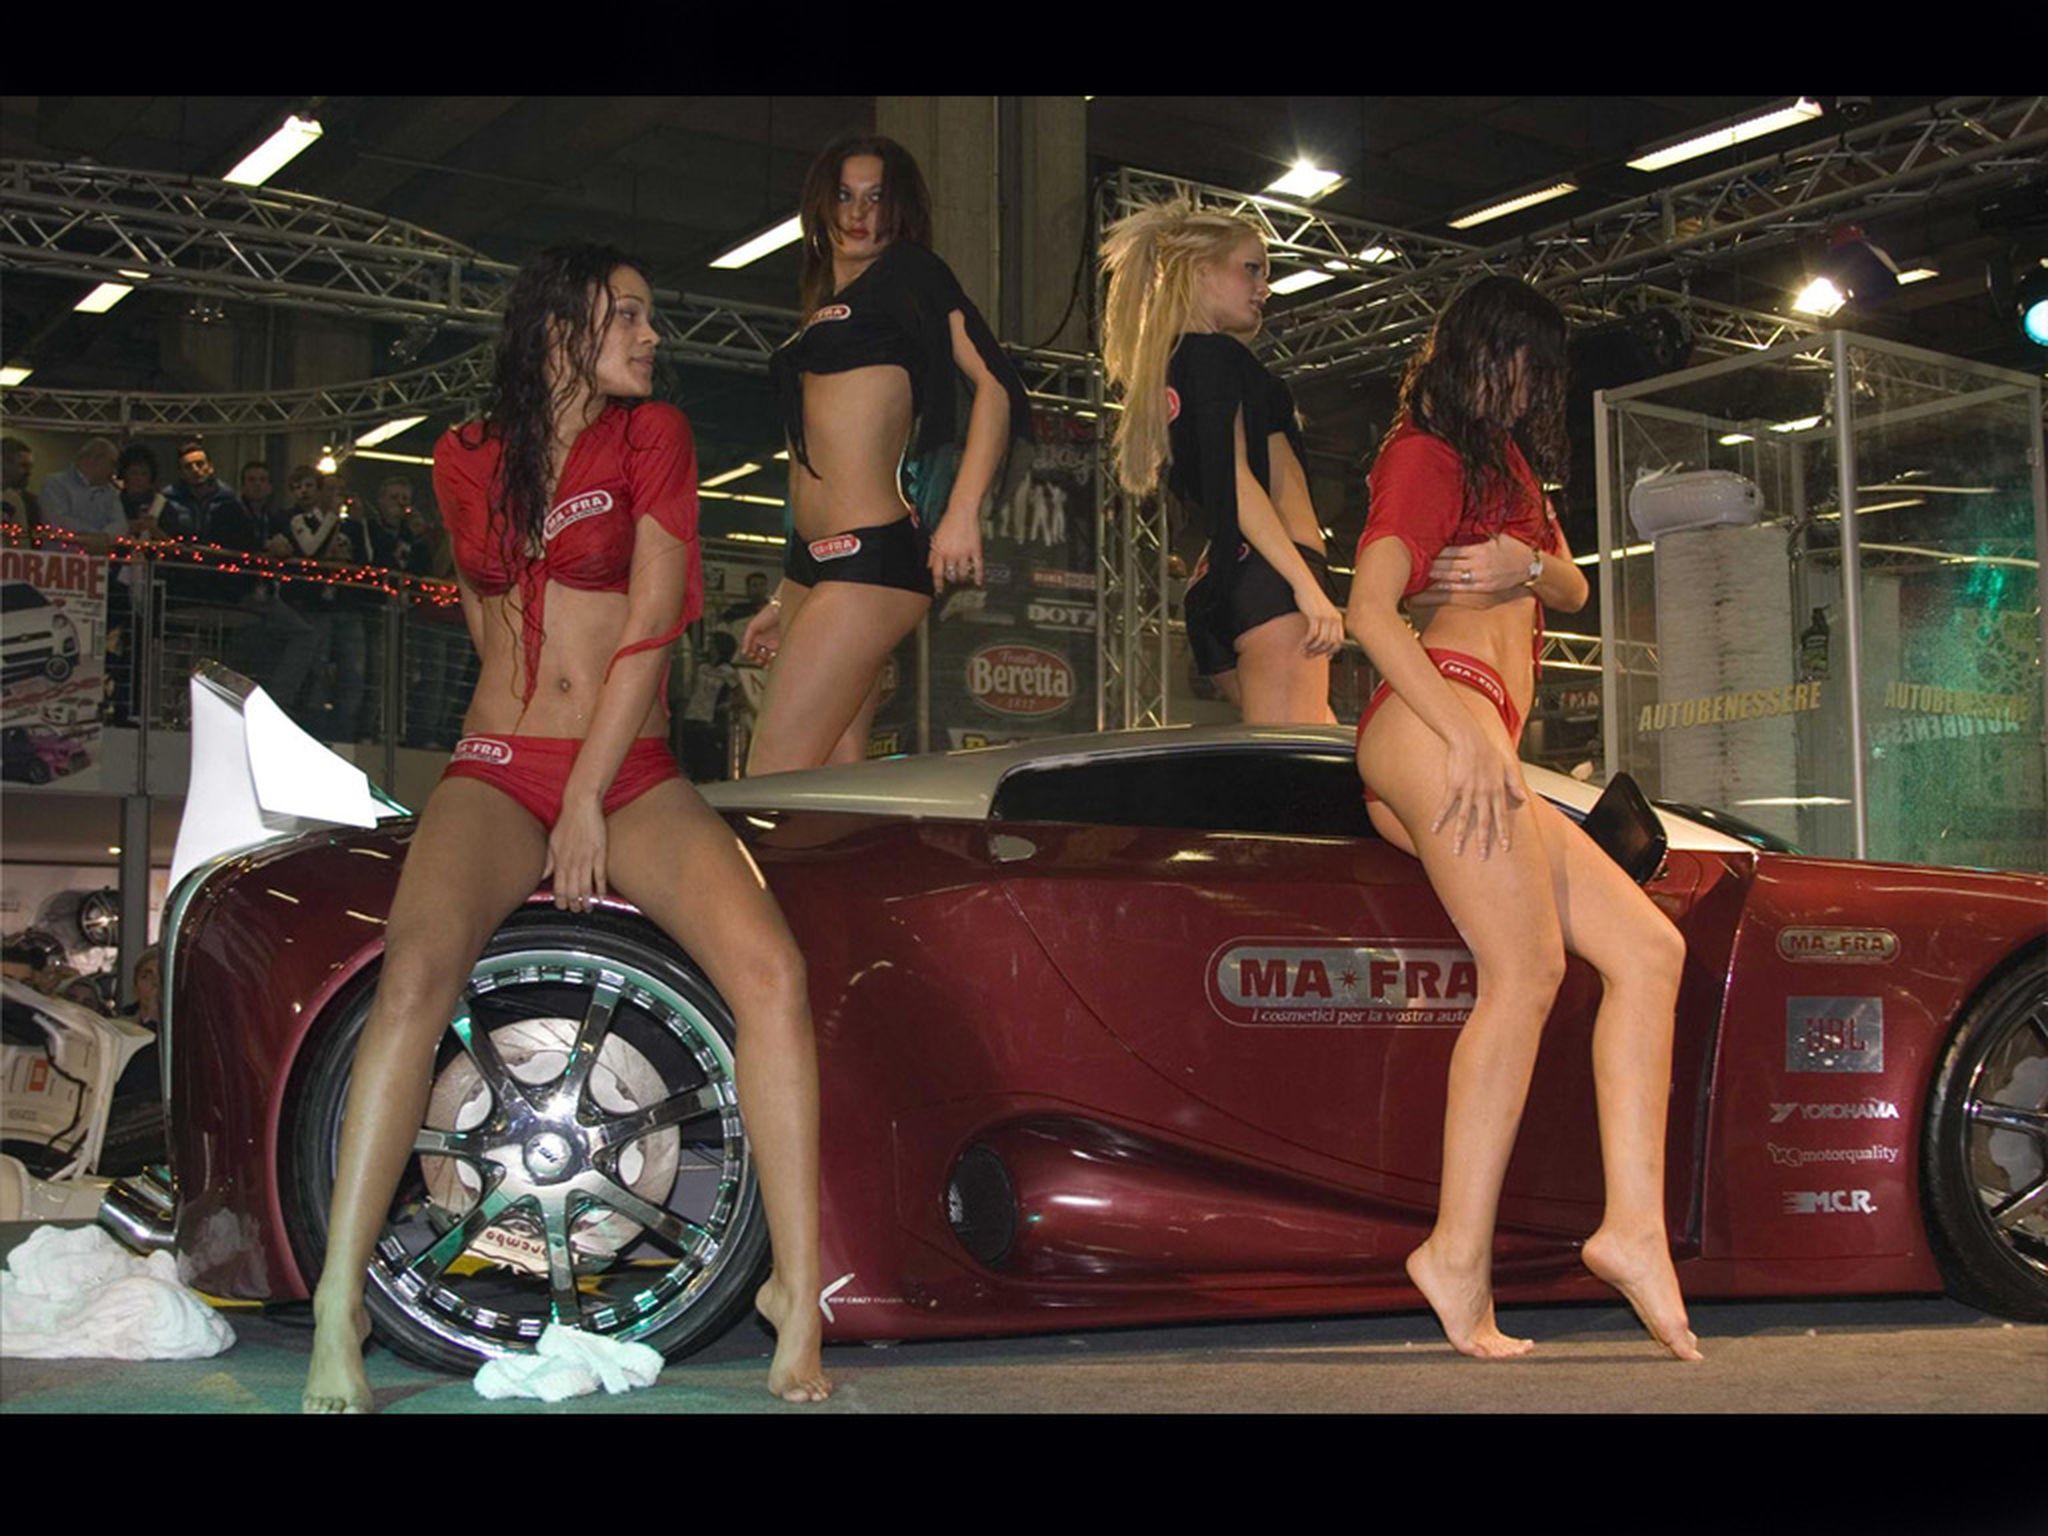 Голые девушки и автомобили  девушки на мотоциклах Фото